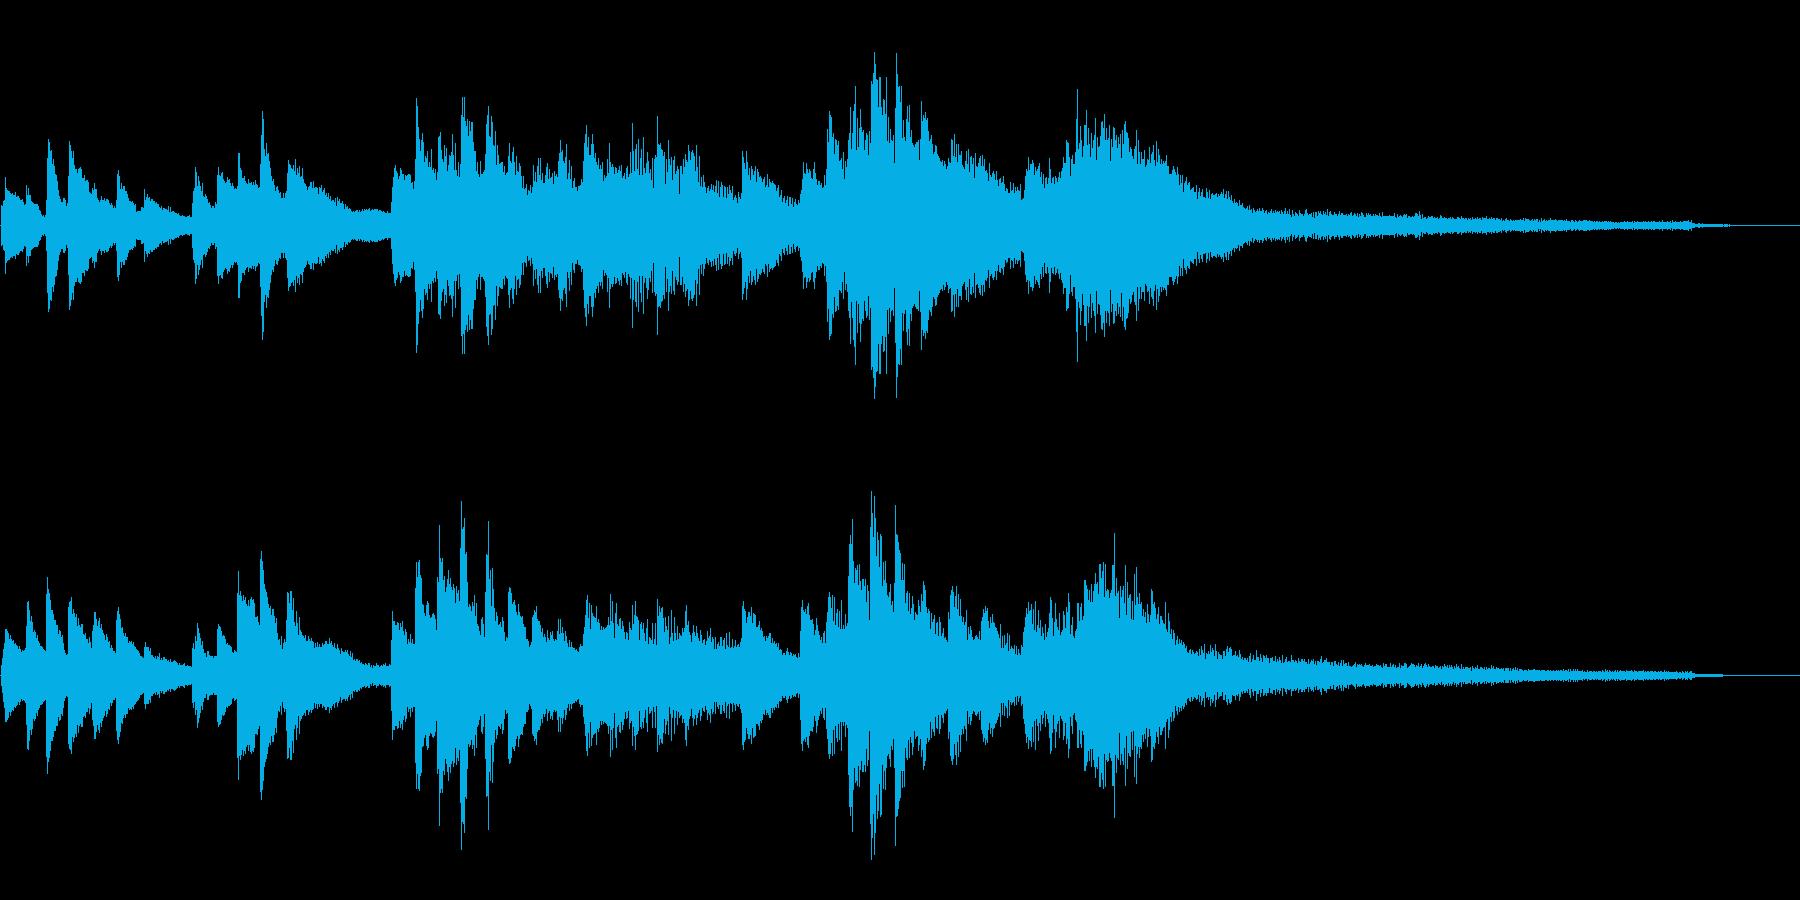 和風のジングル5-ピアノソロの再生済みの波形